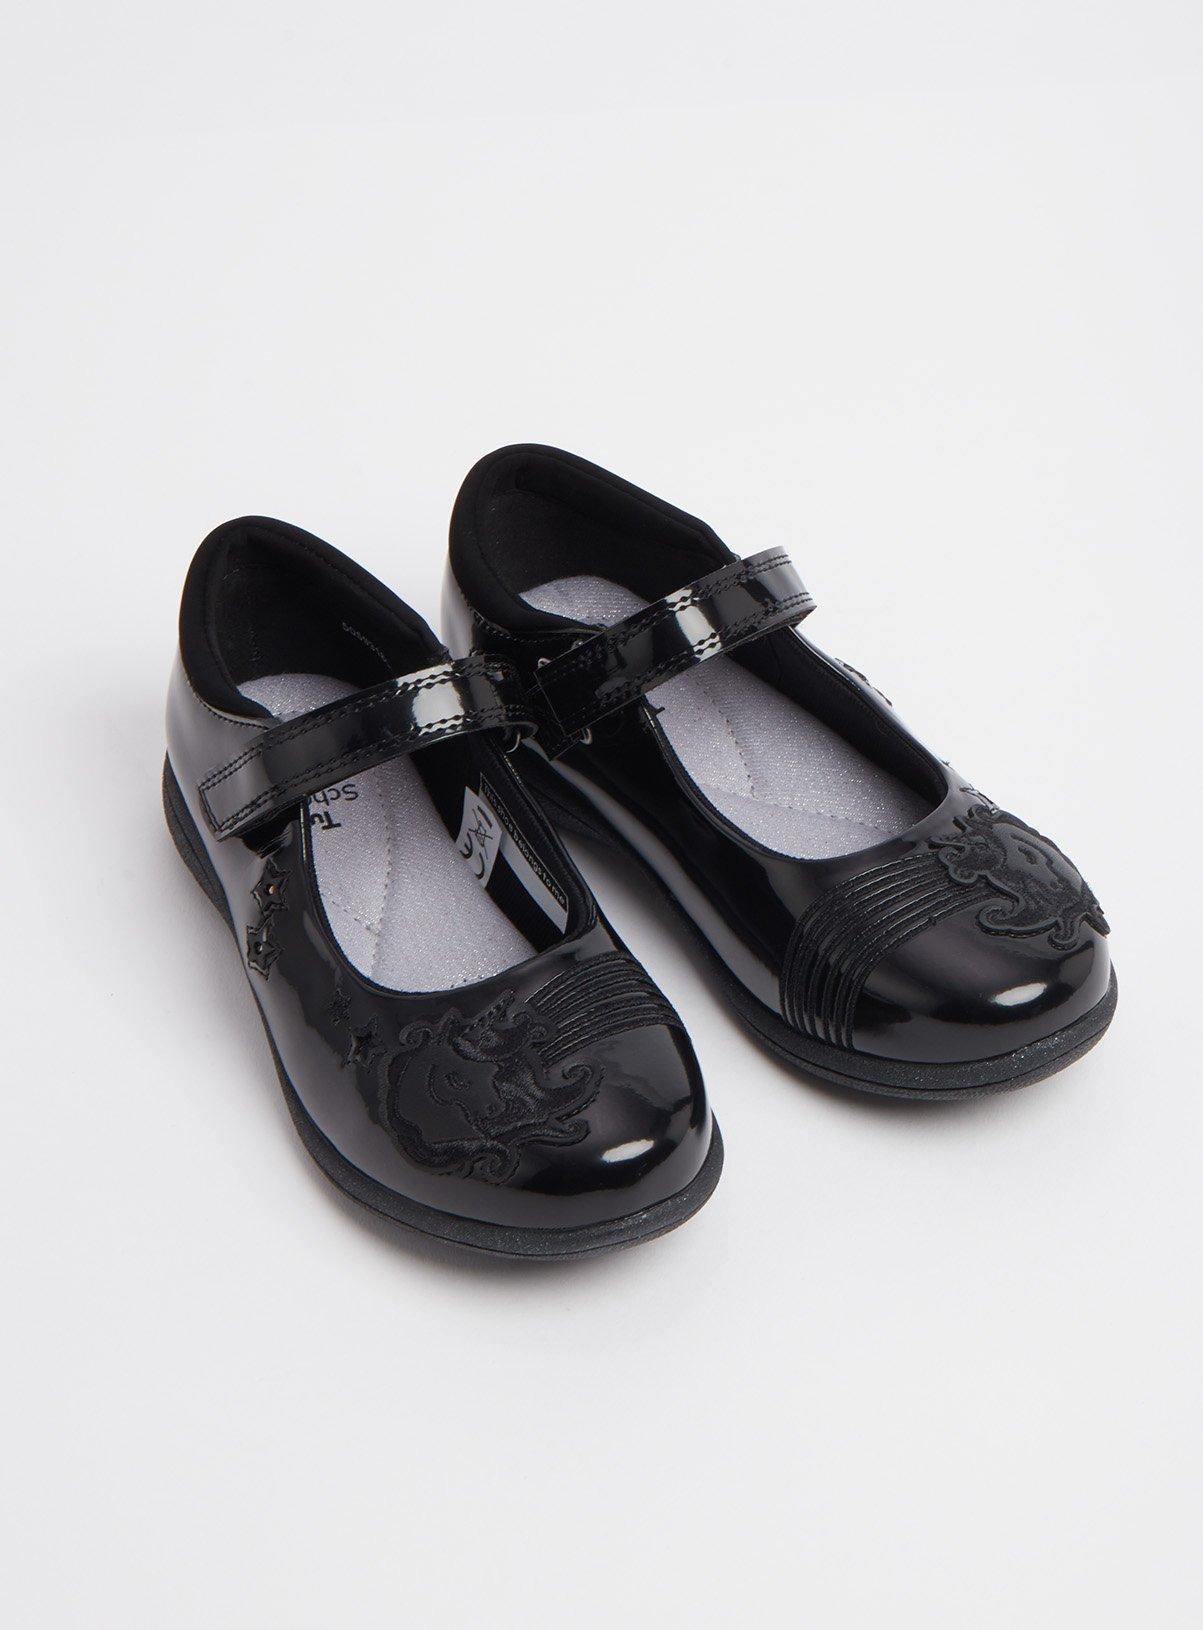 Black Unicorn Light Up Wide Fit School Shoes - 8 Infant